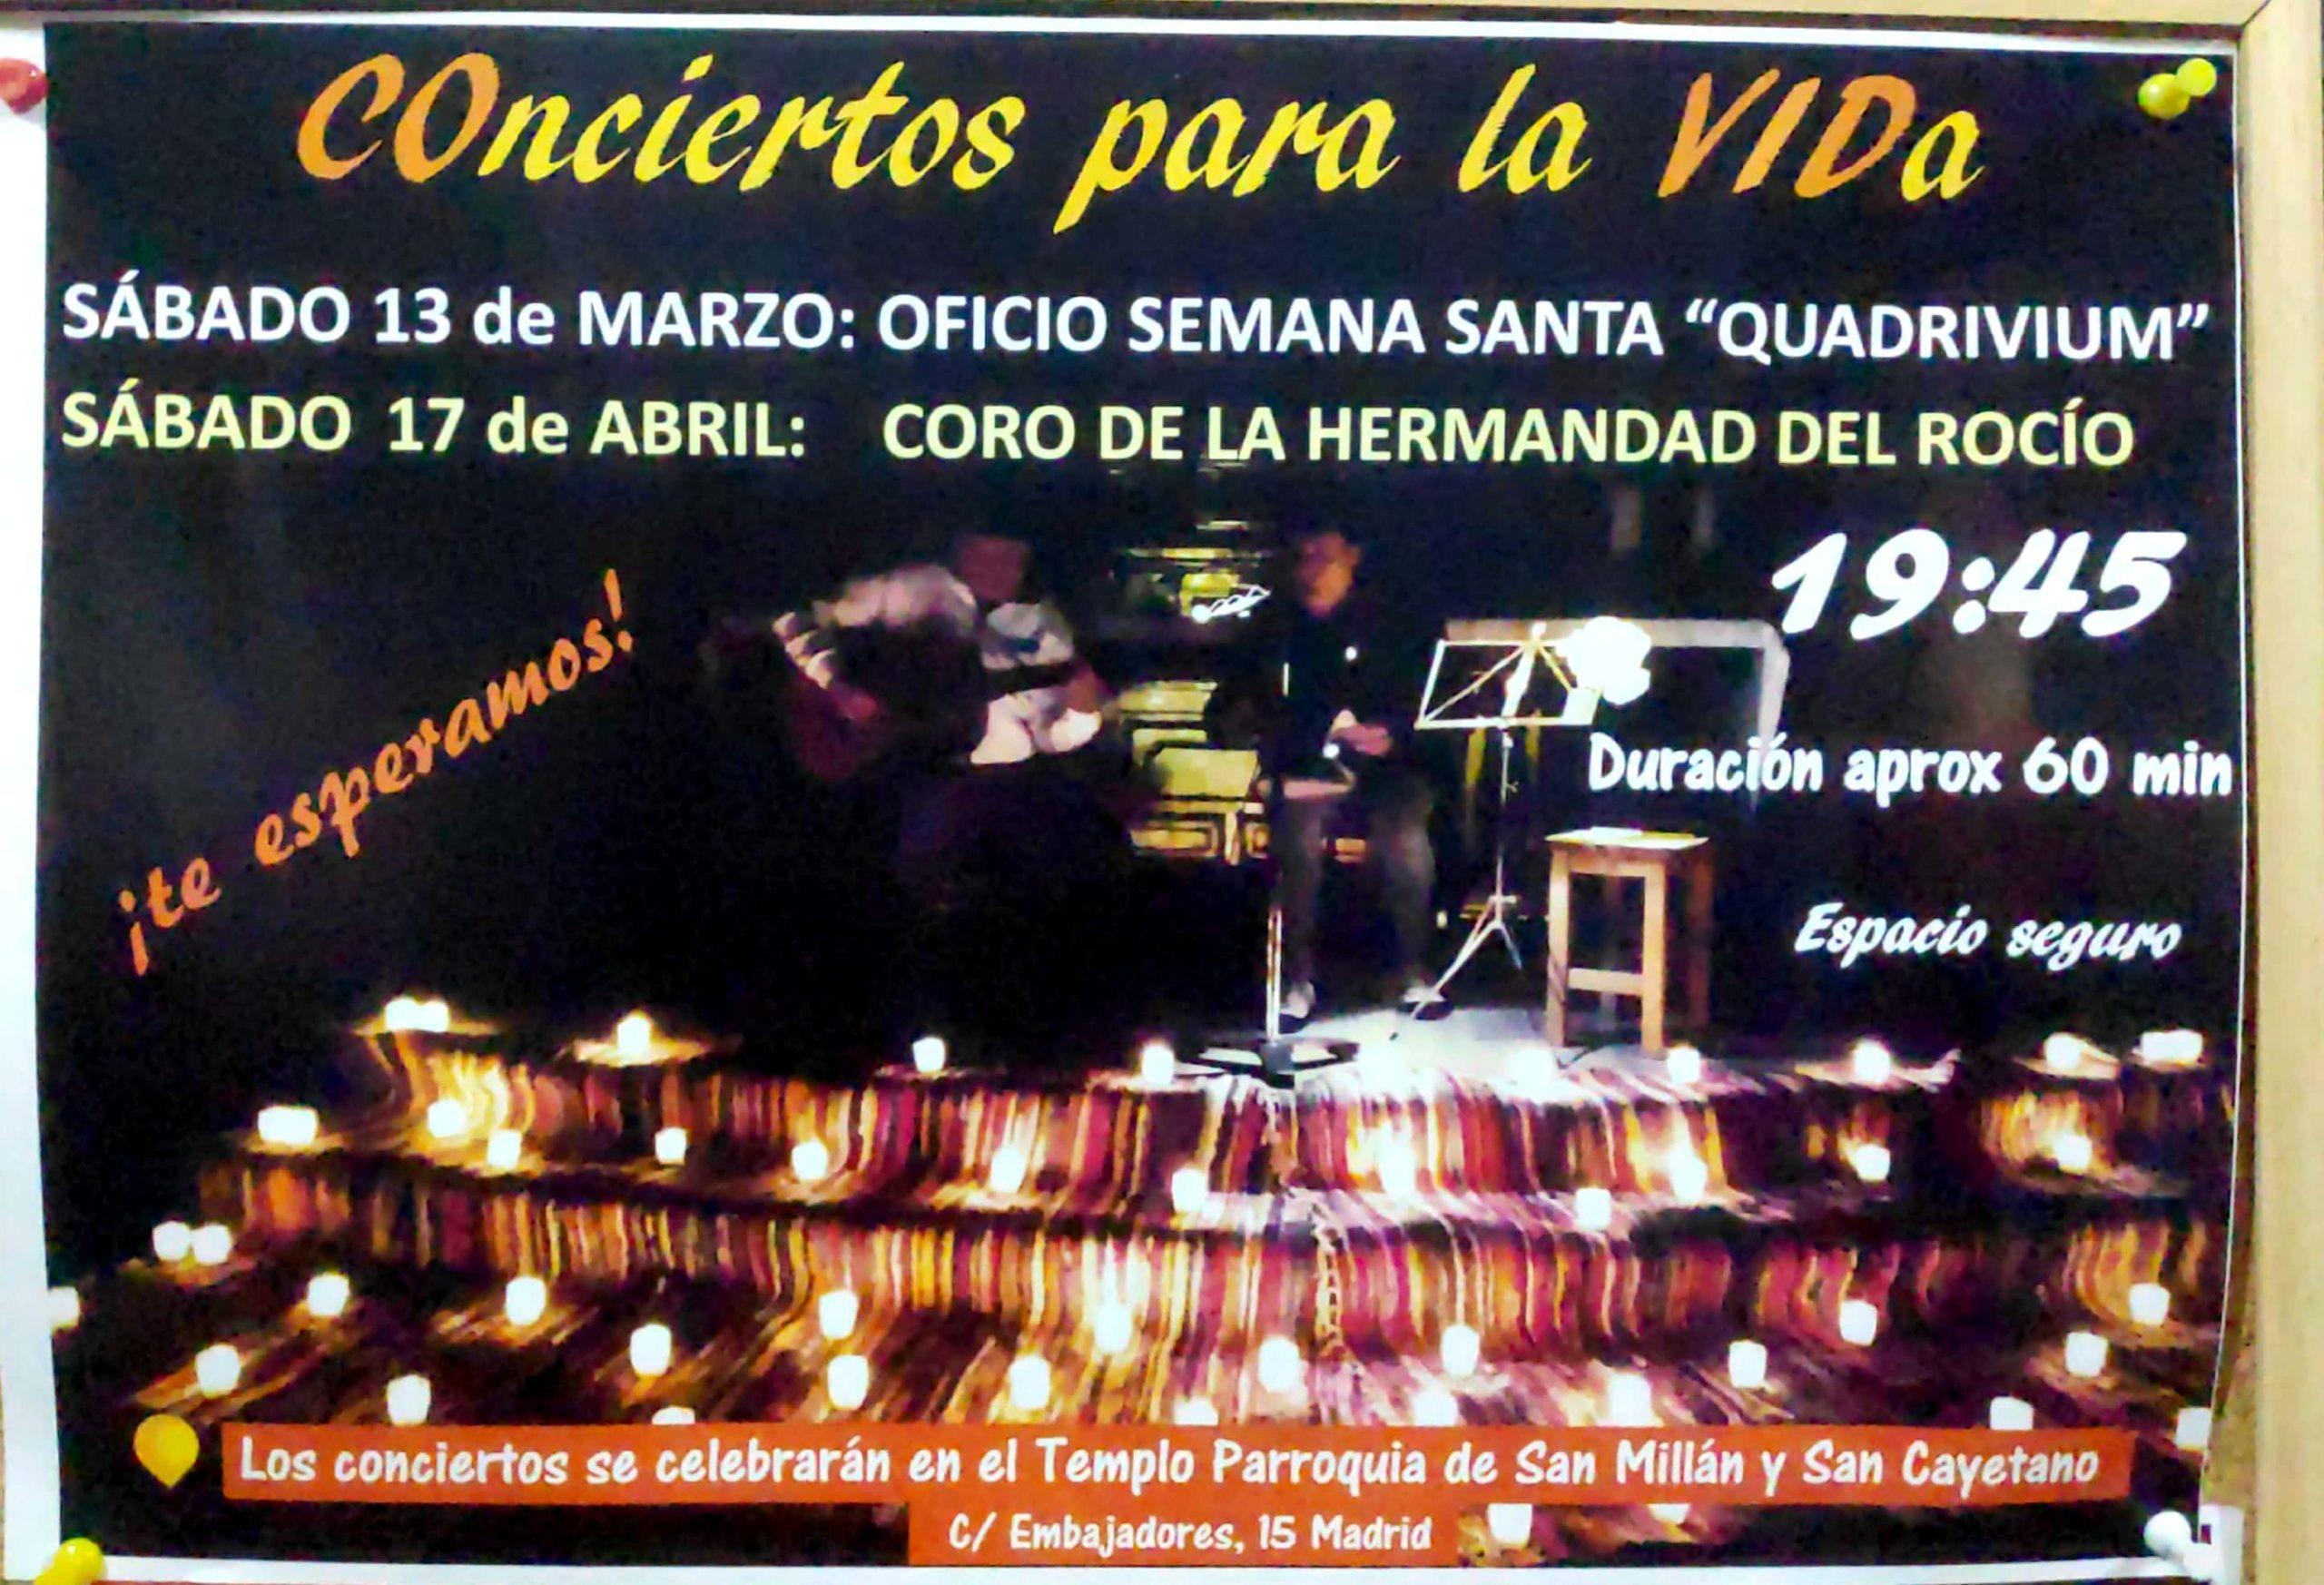 conciertos-para-la-vida-marzo-abri@pmillancayetano